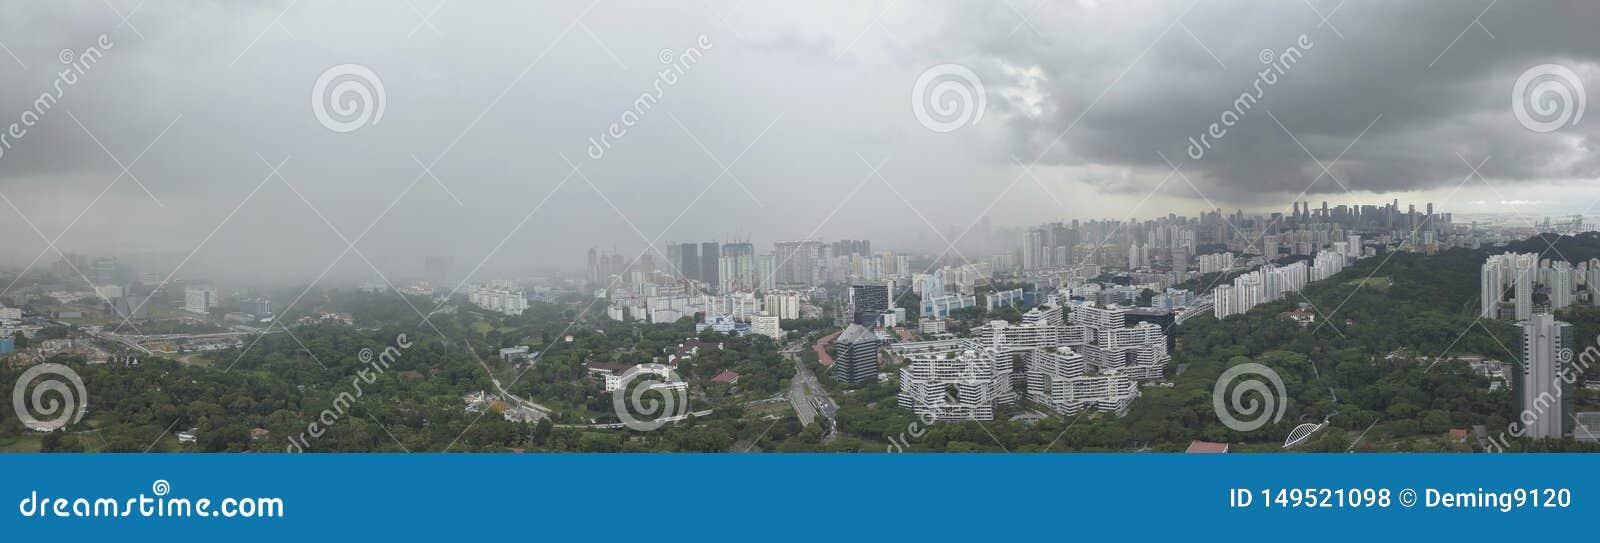 Воздушная широкоформатная панорама причаливая ливня и грозовых облаков